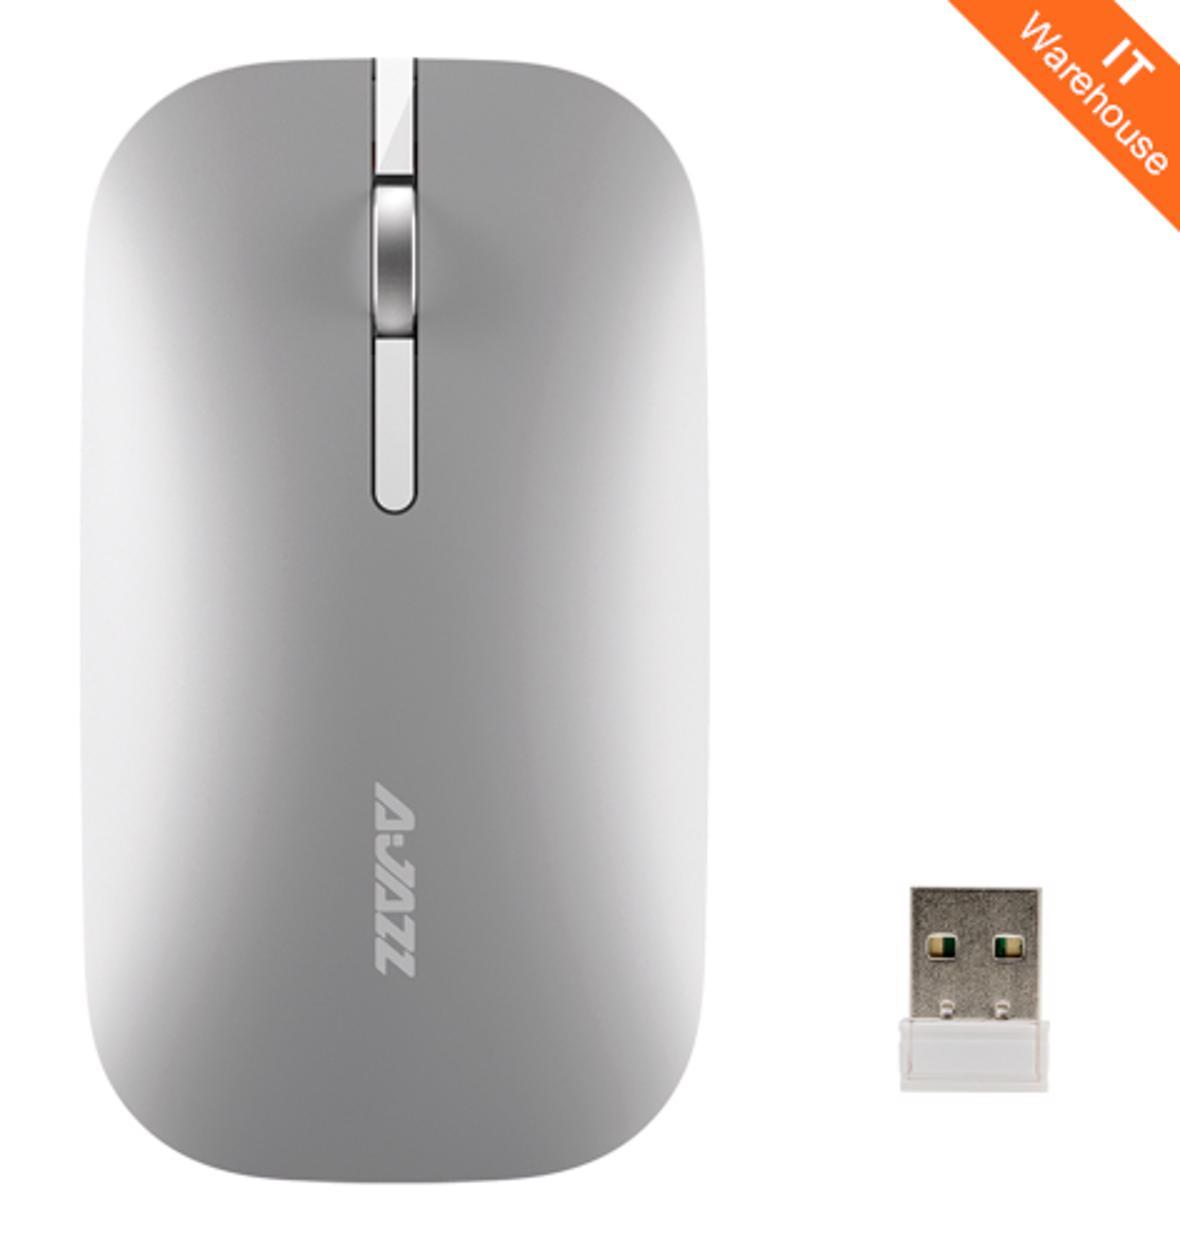 AJAZZ光电鼠标 -  Geekbuying